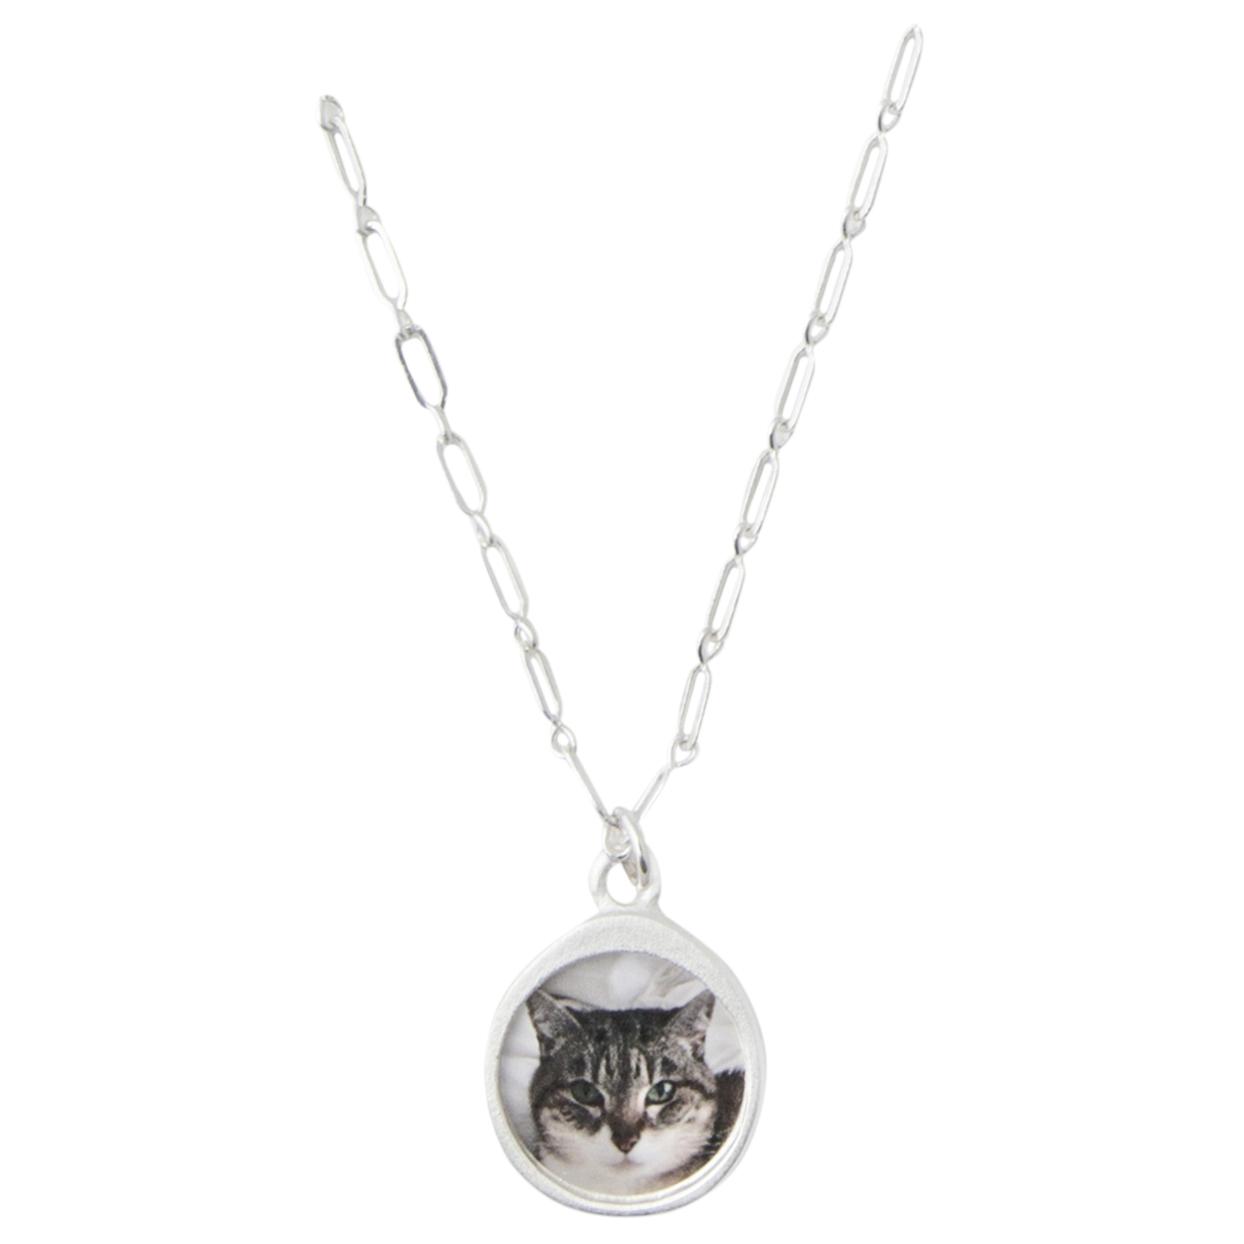 silver pet pendant necklace